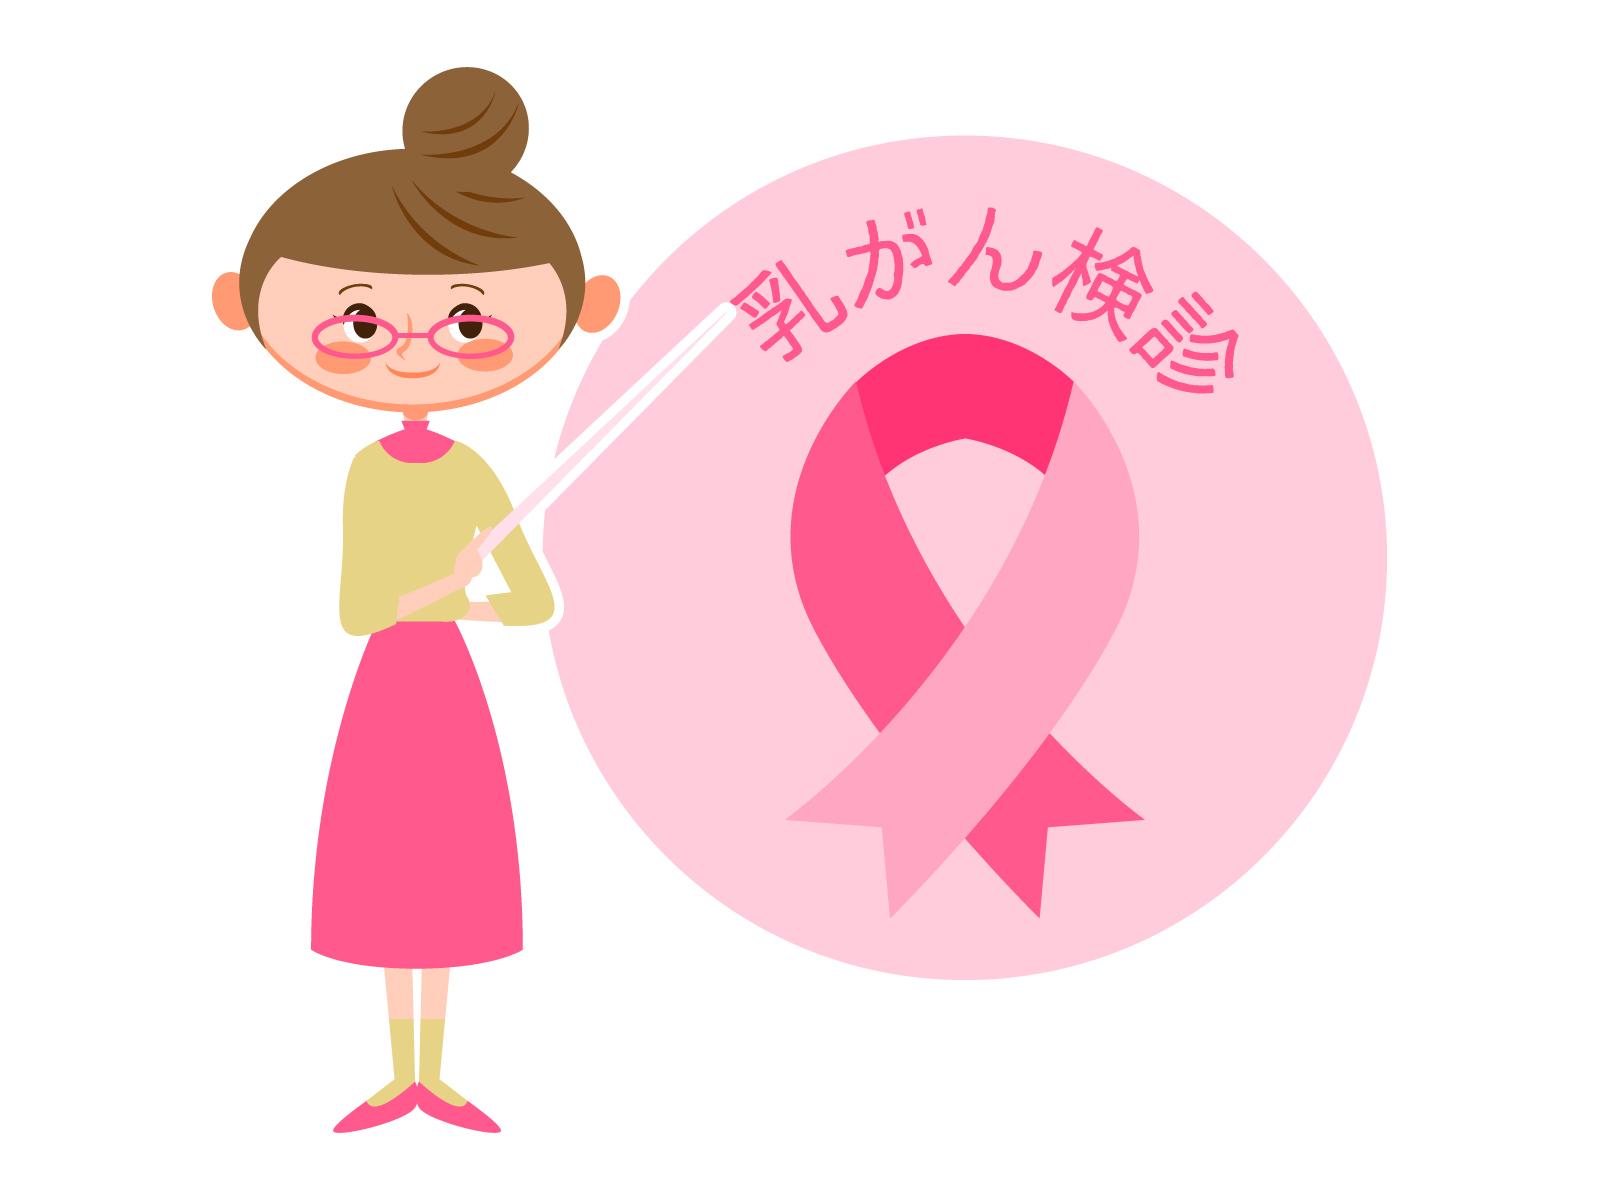 マンモグラフィー検査とは?『乳がんの早期発見』に役立つX線検査の一種です